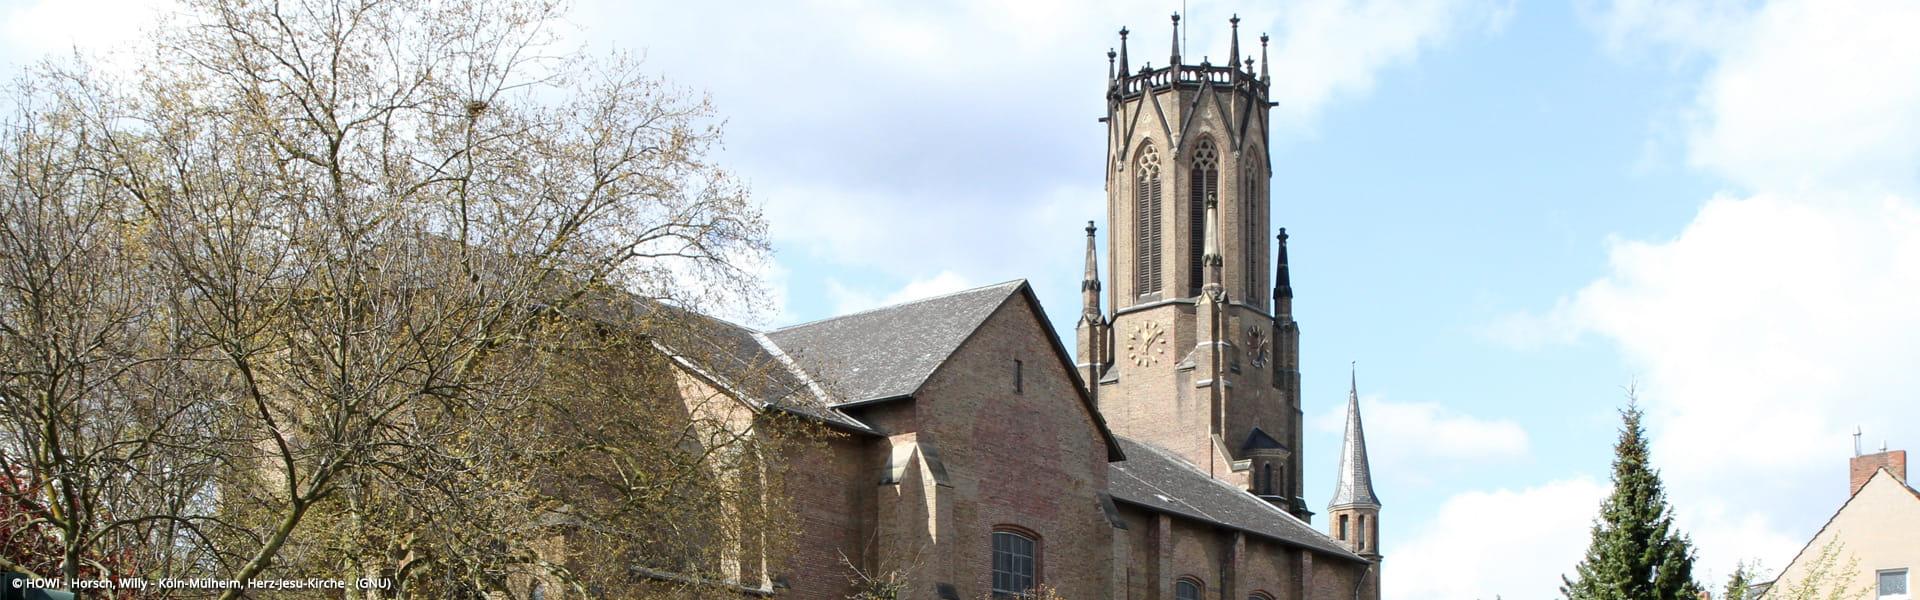 Herz-Jesu-Kirche Köln-Mülheim